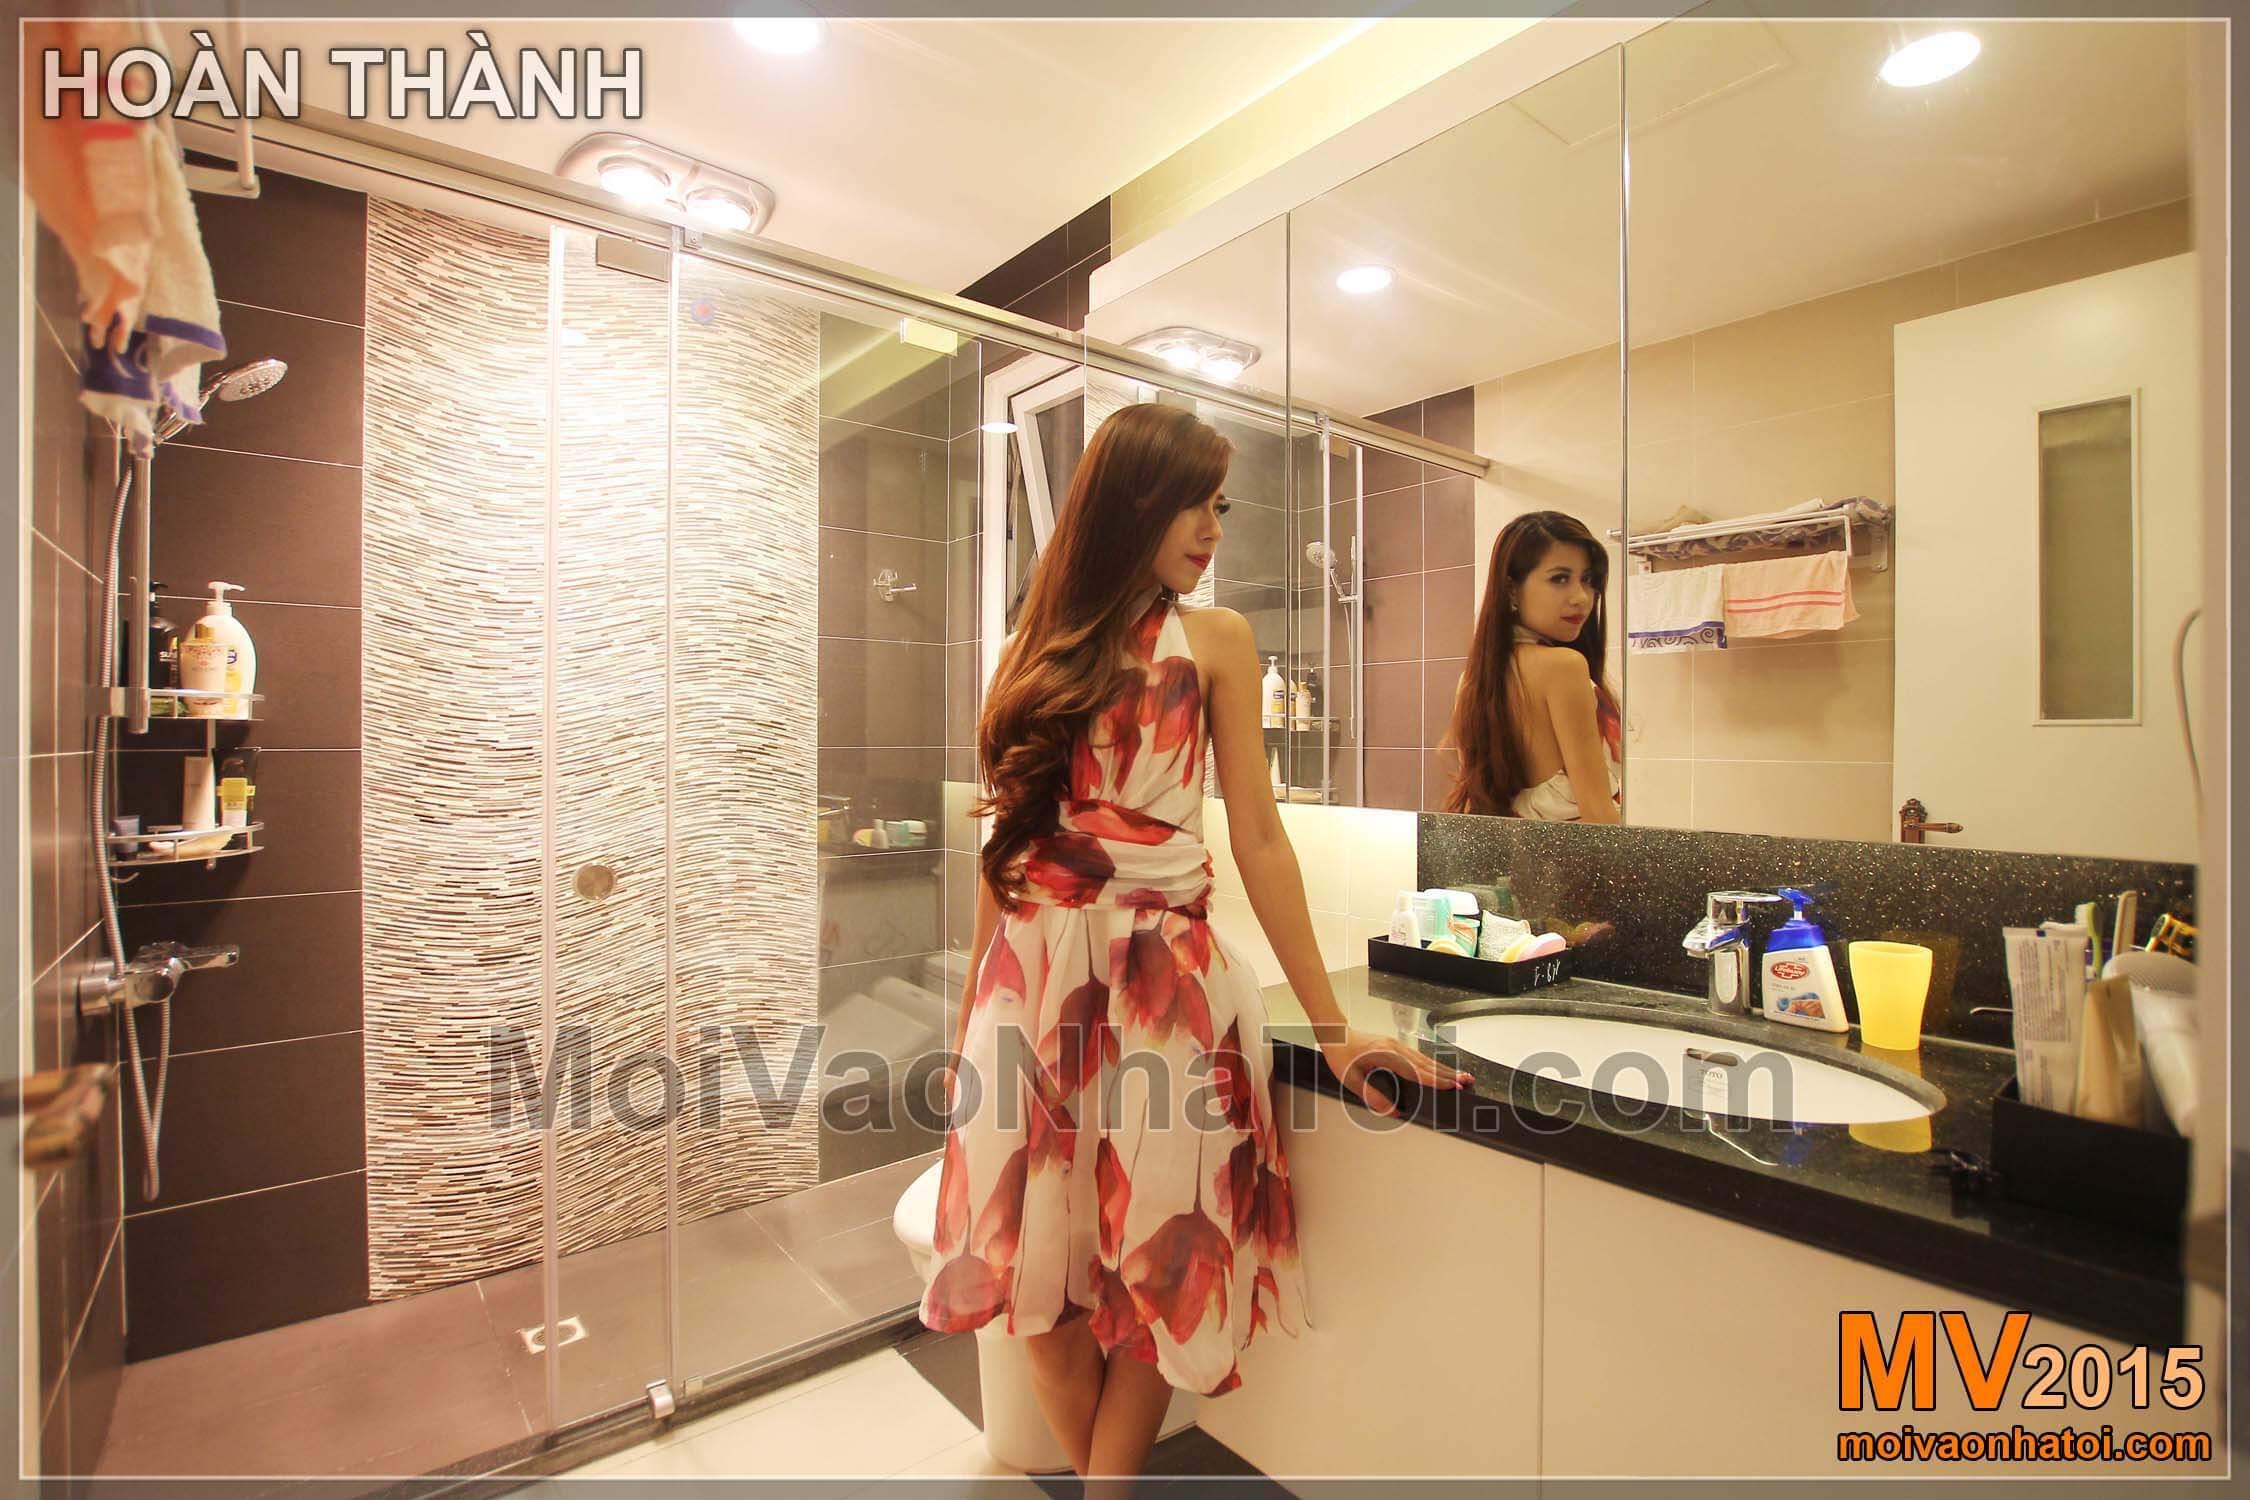 Thiết kế nội thất phòng tắm chung cư Golden Palace sau khi hoàn thiện